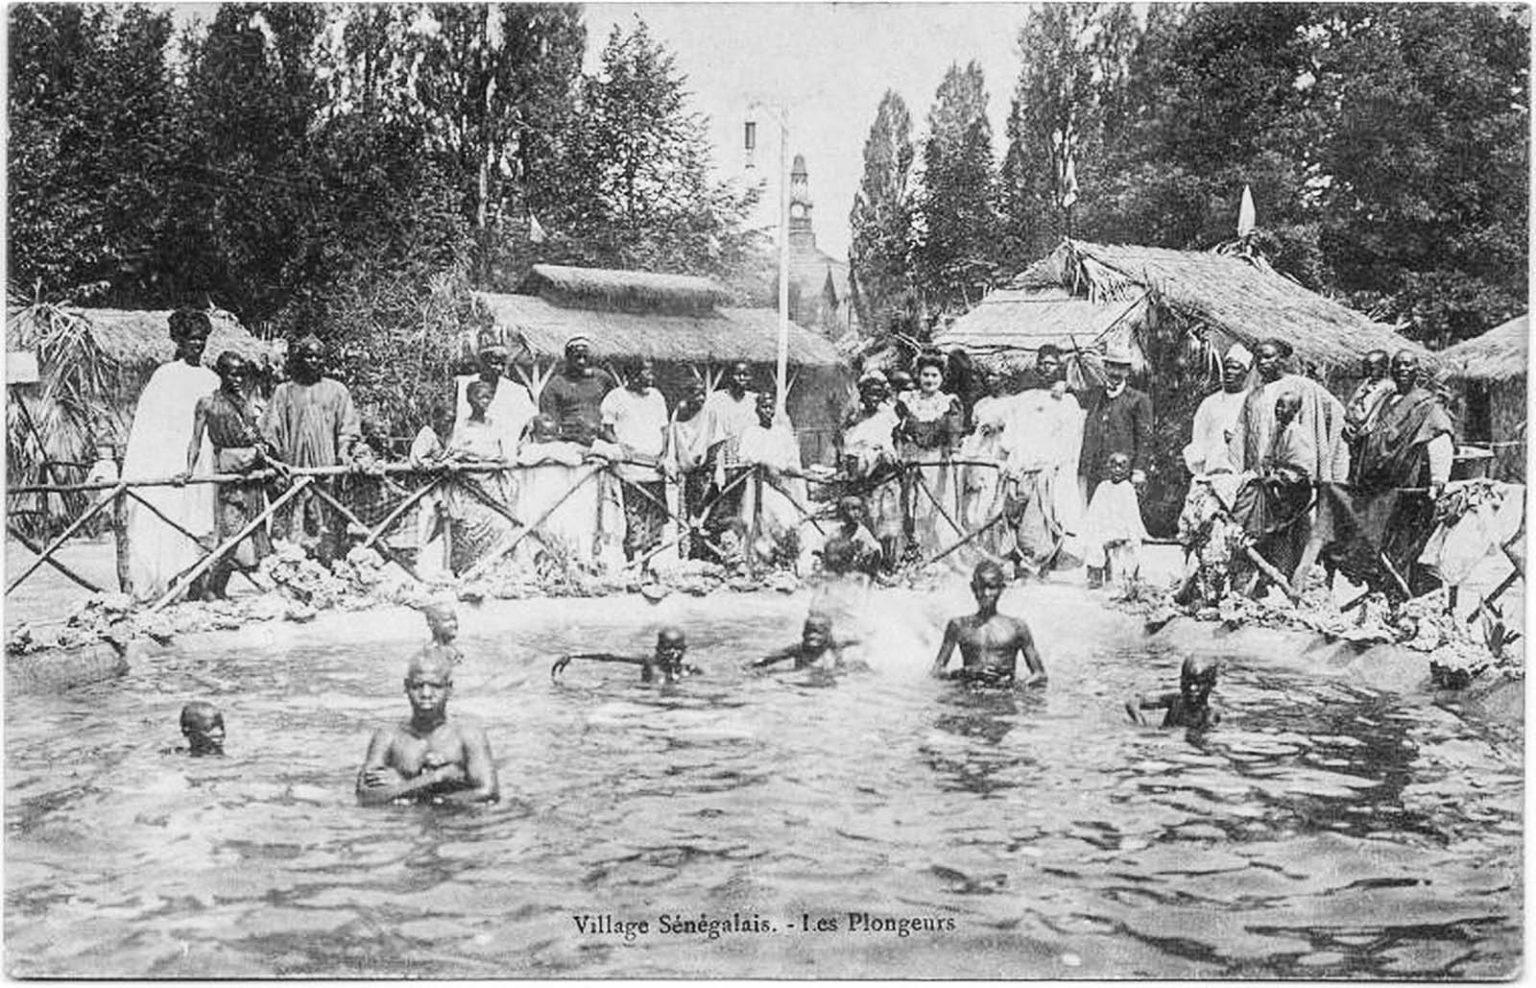 На Всемирной выставке в Брюсселе, Бельгия, в 1958 году была представлена макетная сенегальская деревня.